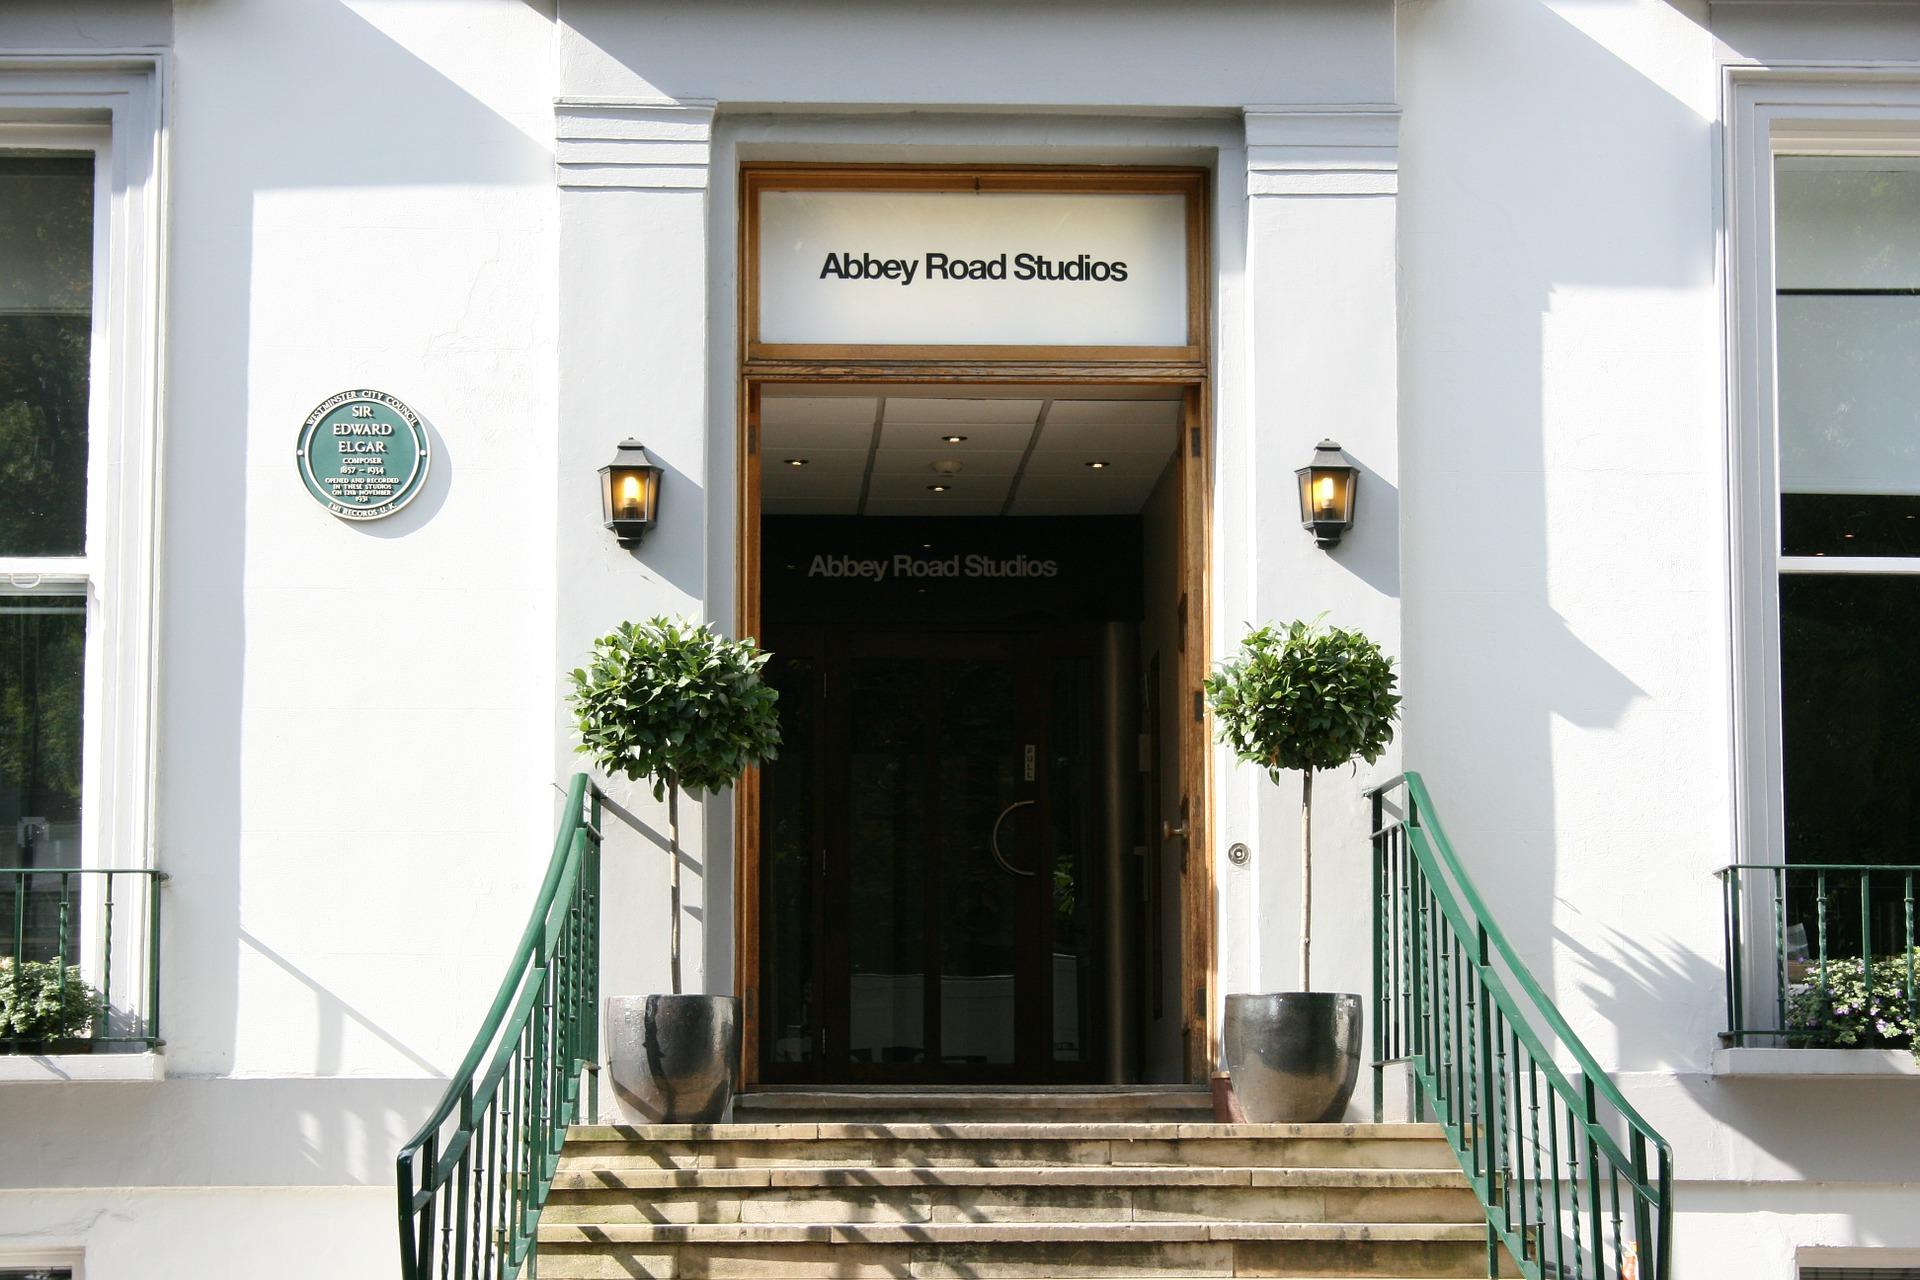 Eine Treppe führt hinaus zu dem Eingang des Abbey Road Studios.